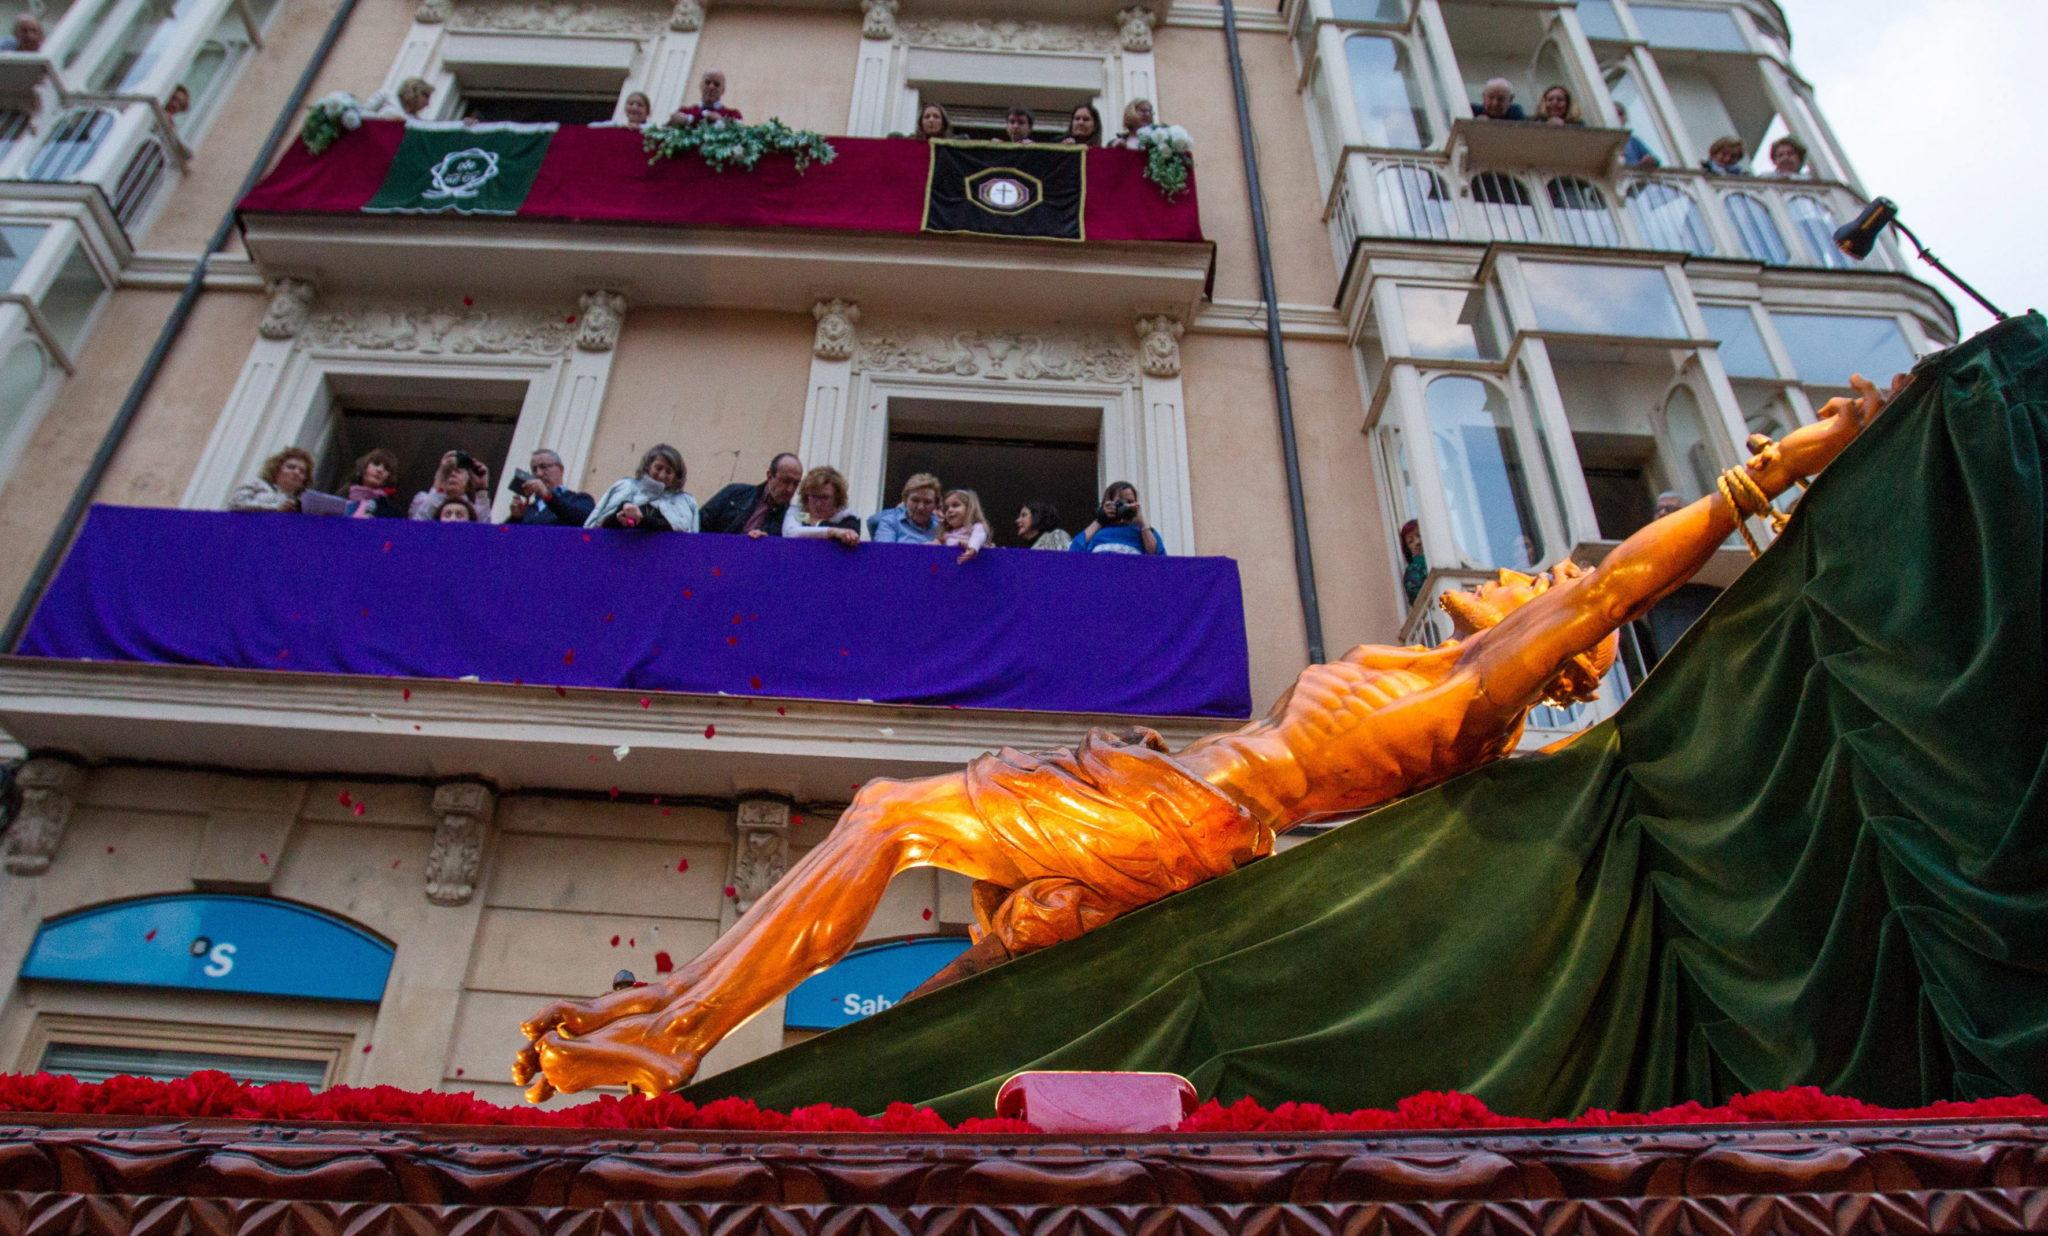 """Procesja """"Święty pogrzeb"""", zorganizowana przez Bractwo Pasyjne w Logroño w północnej Hiszpanii, fot. Raquel Manzanares, PAP/EPA"""